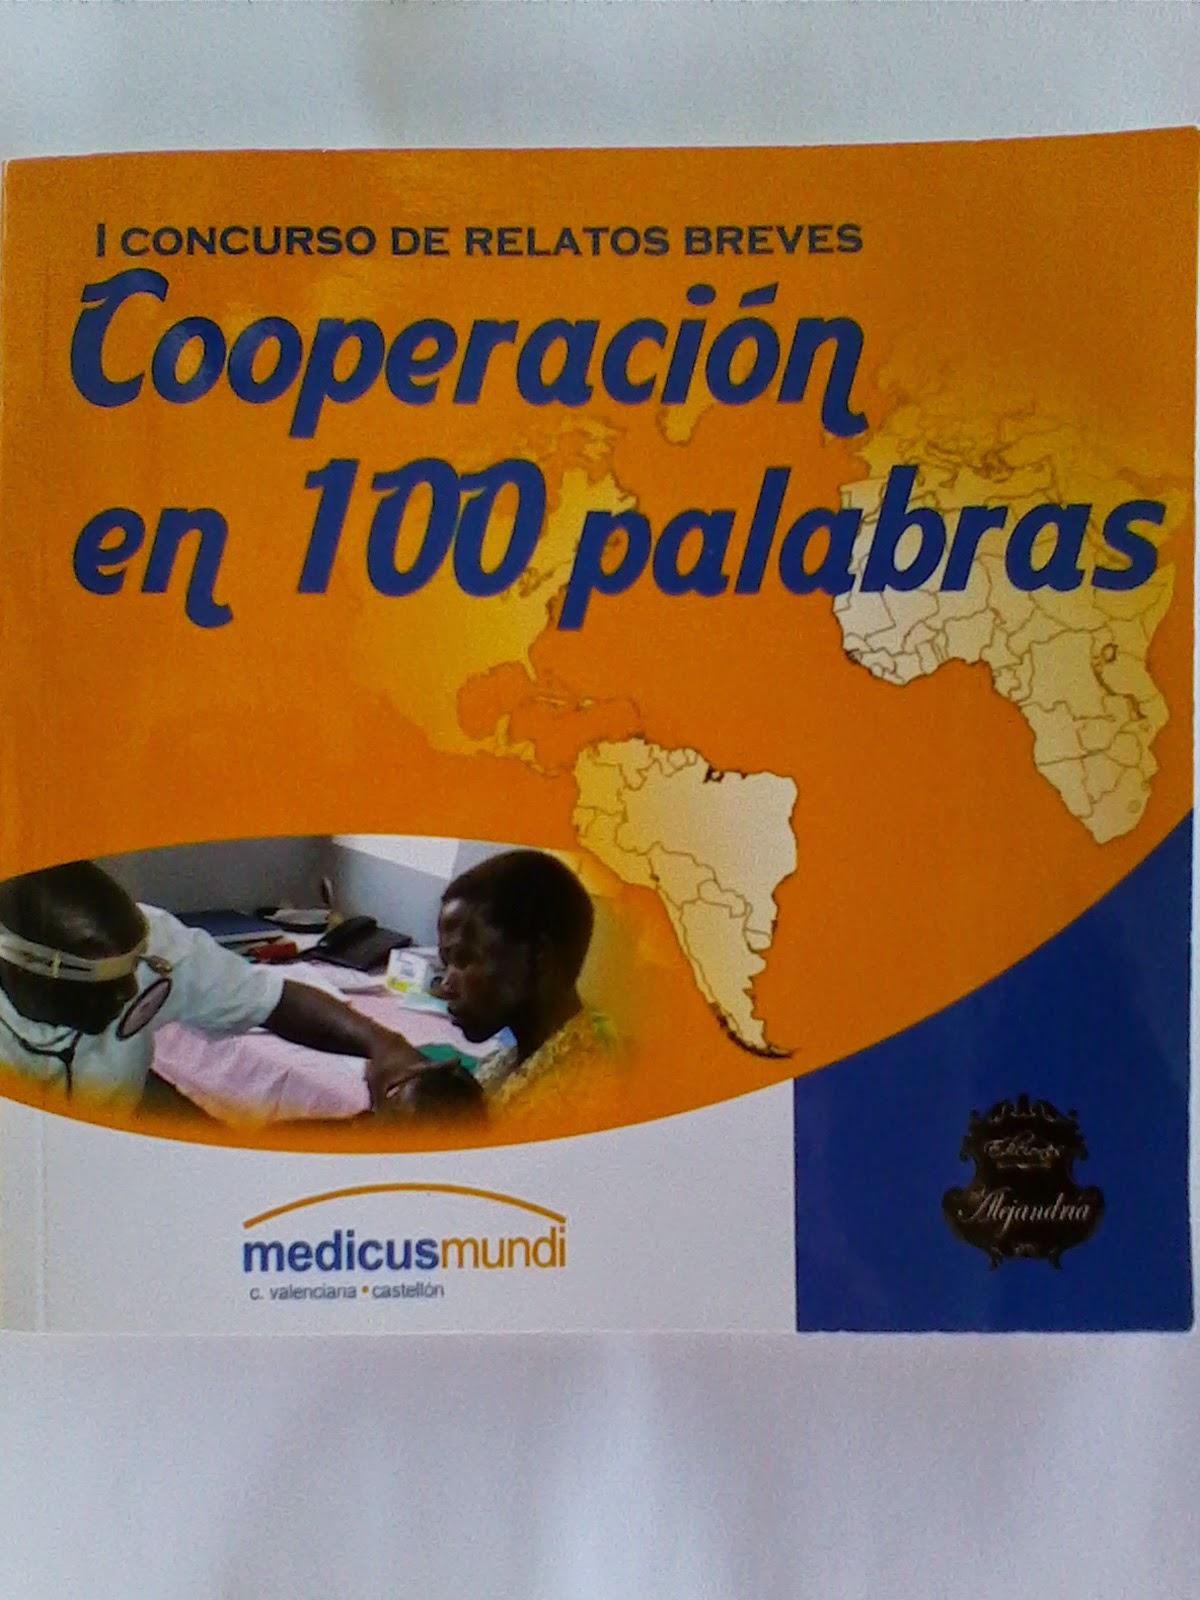 COOPERACIÓN EN 100 PALABRAS